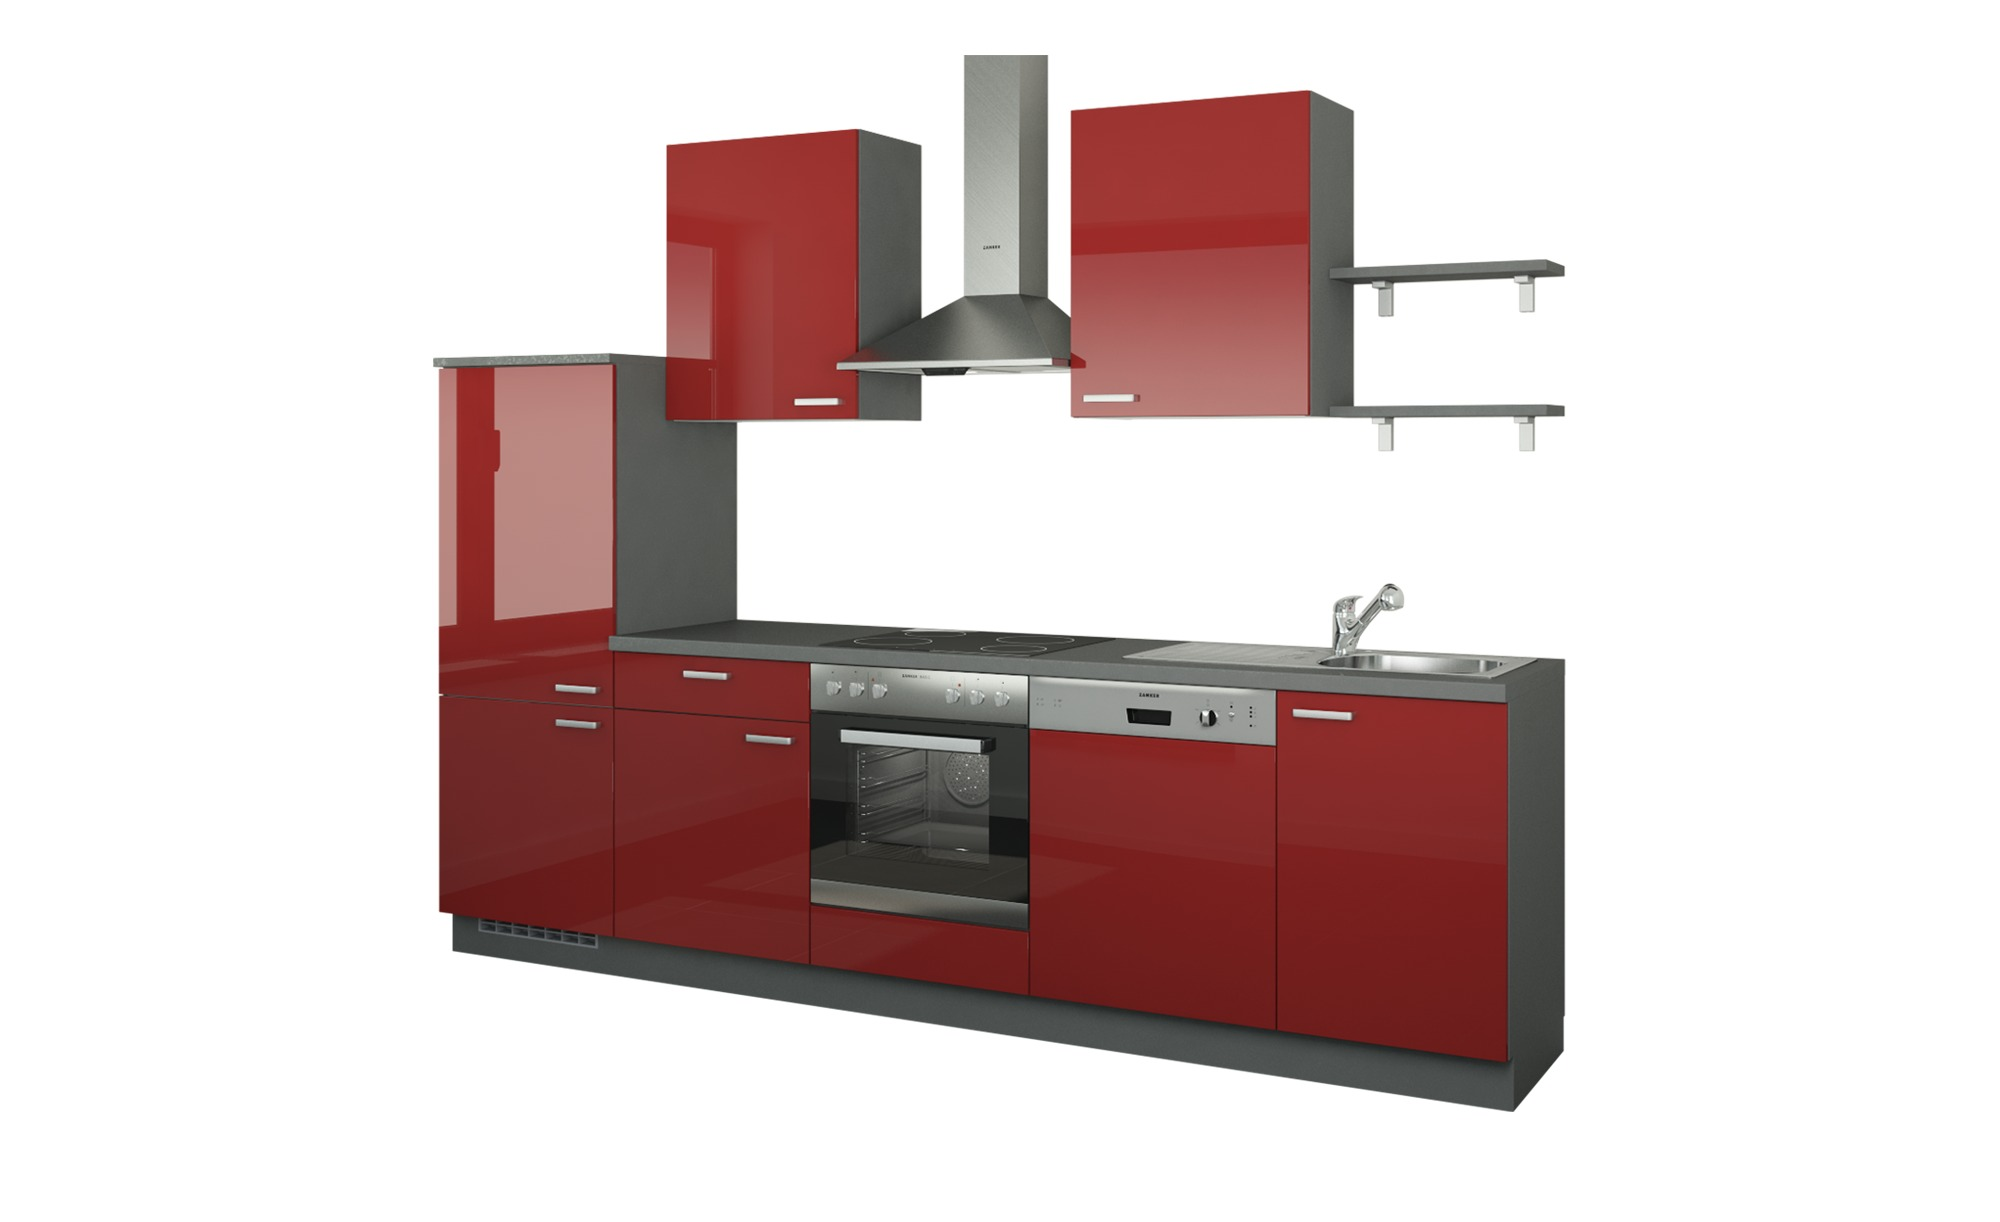 Küchenzeile ohne Elektrogeräte  Köln ¦ rot ¦ Maße (cm): B: 290 Küchen > Küchenblöcke - Höffner | Küche und Esszimmer > Küchen | Möbel Höffner DE